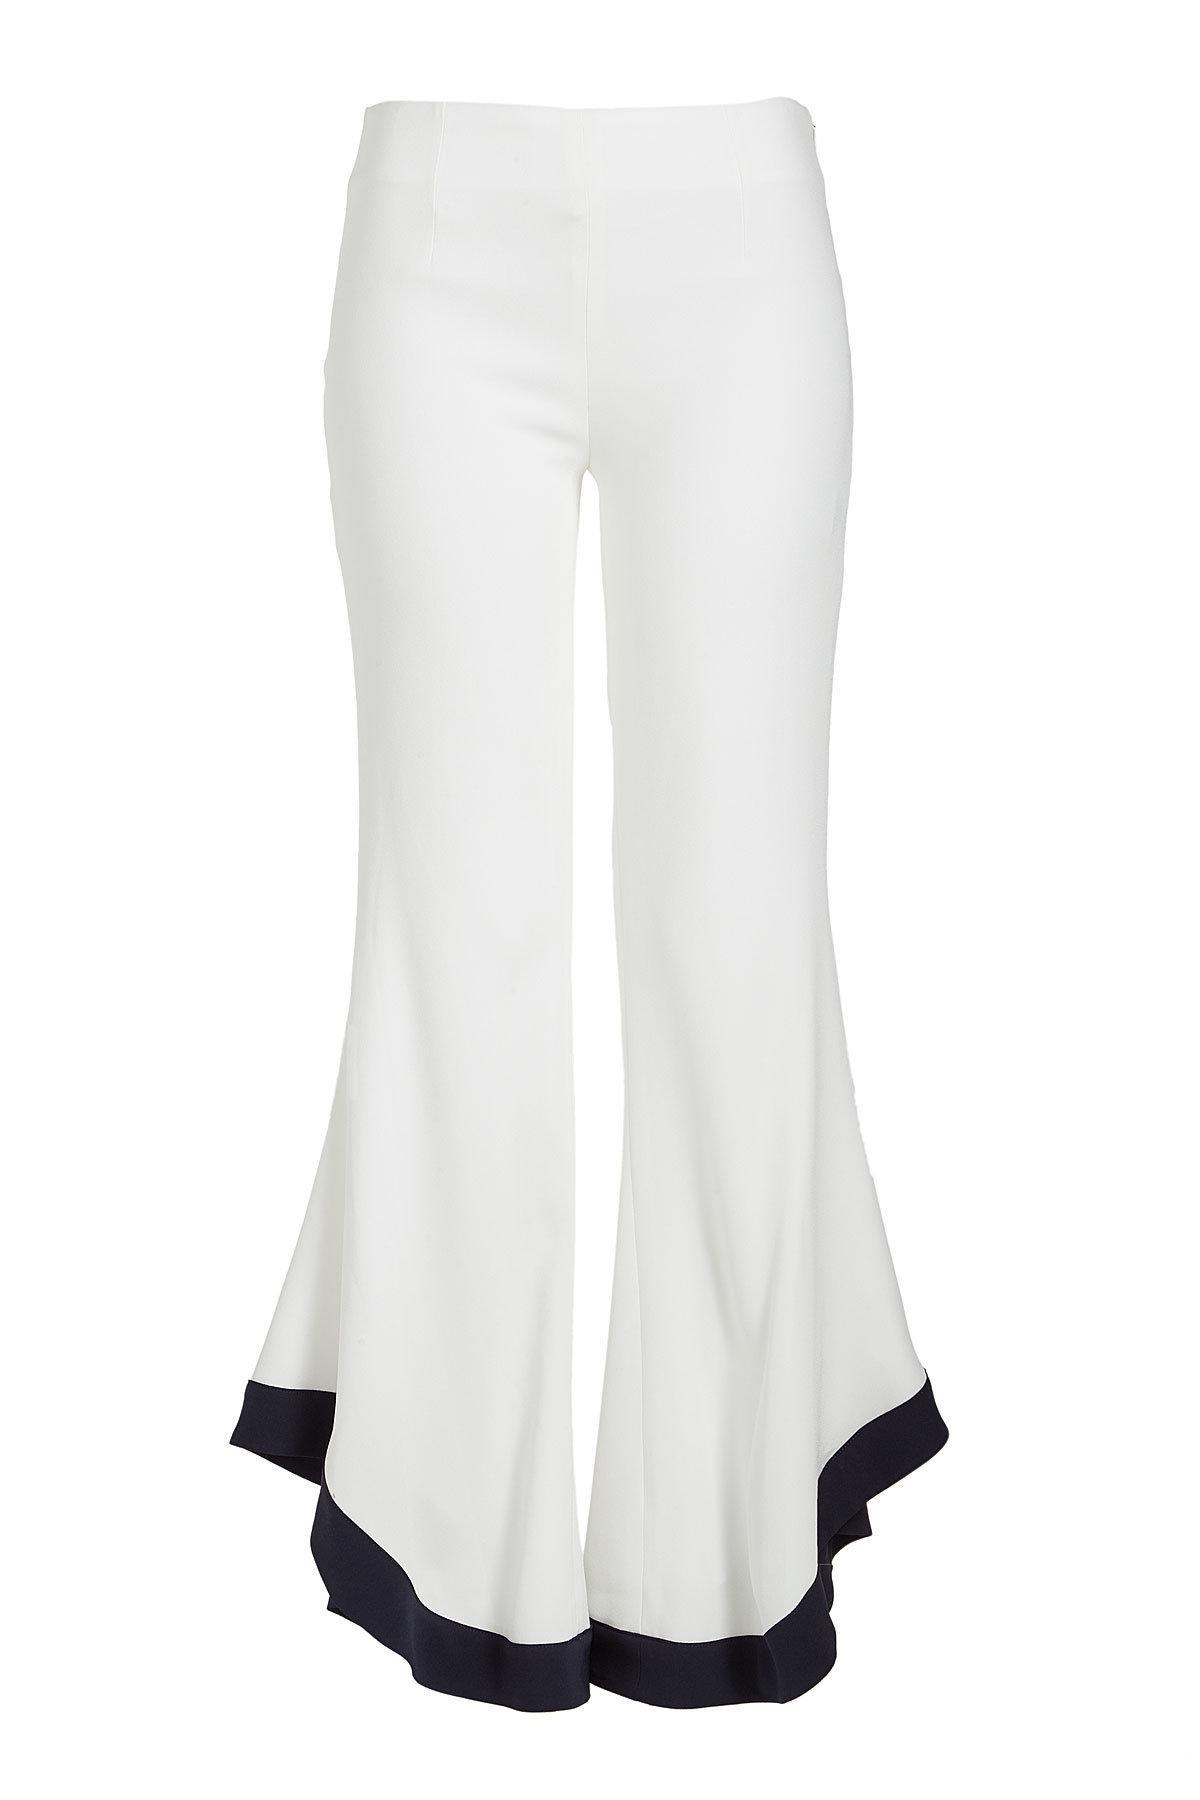 Galvan Sierra trousers Cheap Best Factory Price 2018 Sale Online PkYwZnu